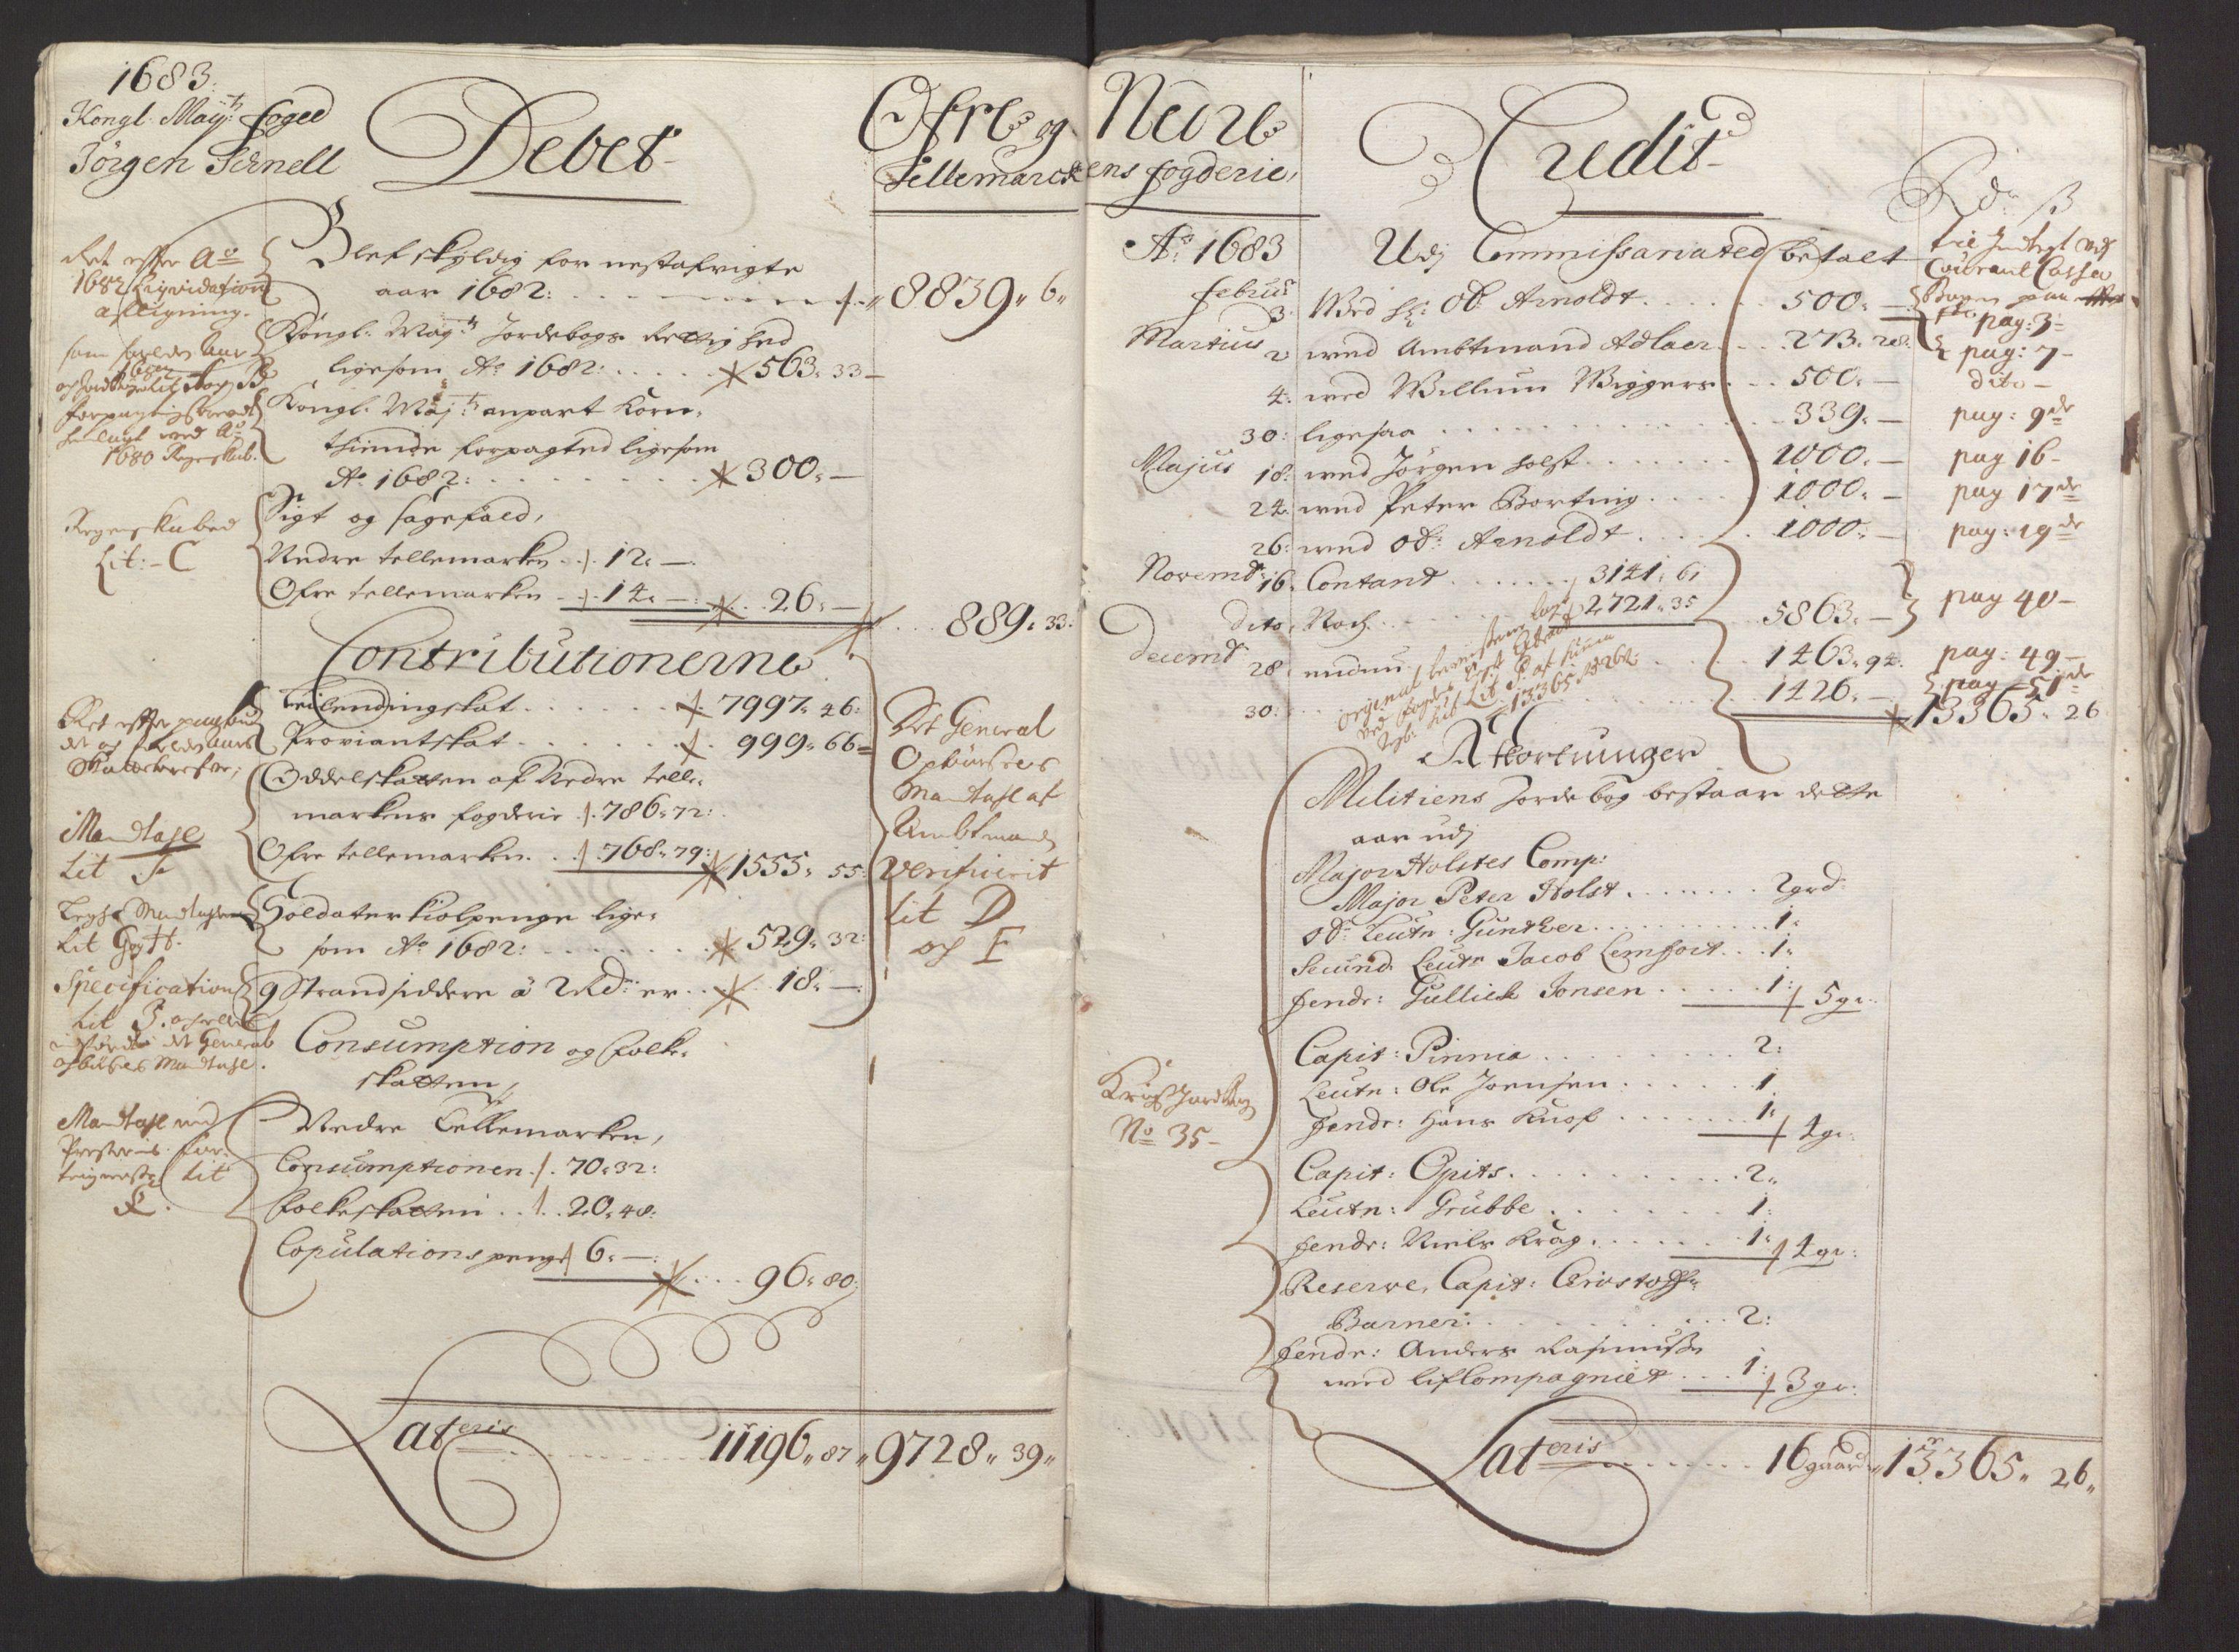 RA, Rentekammeret inntil 1814, Reviderte regnskaper, Fogderegnskap, R35/L2075: Fogderegnskap Øvre og Nedre Telemark, 1680-1684, s. 14